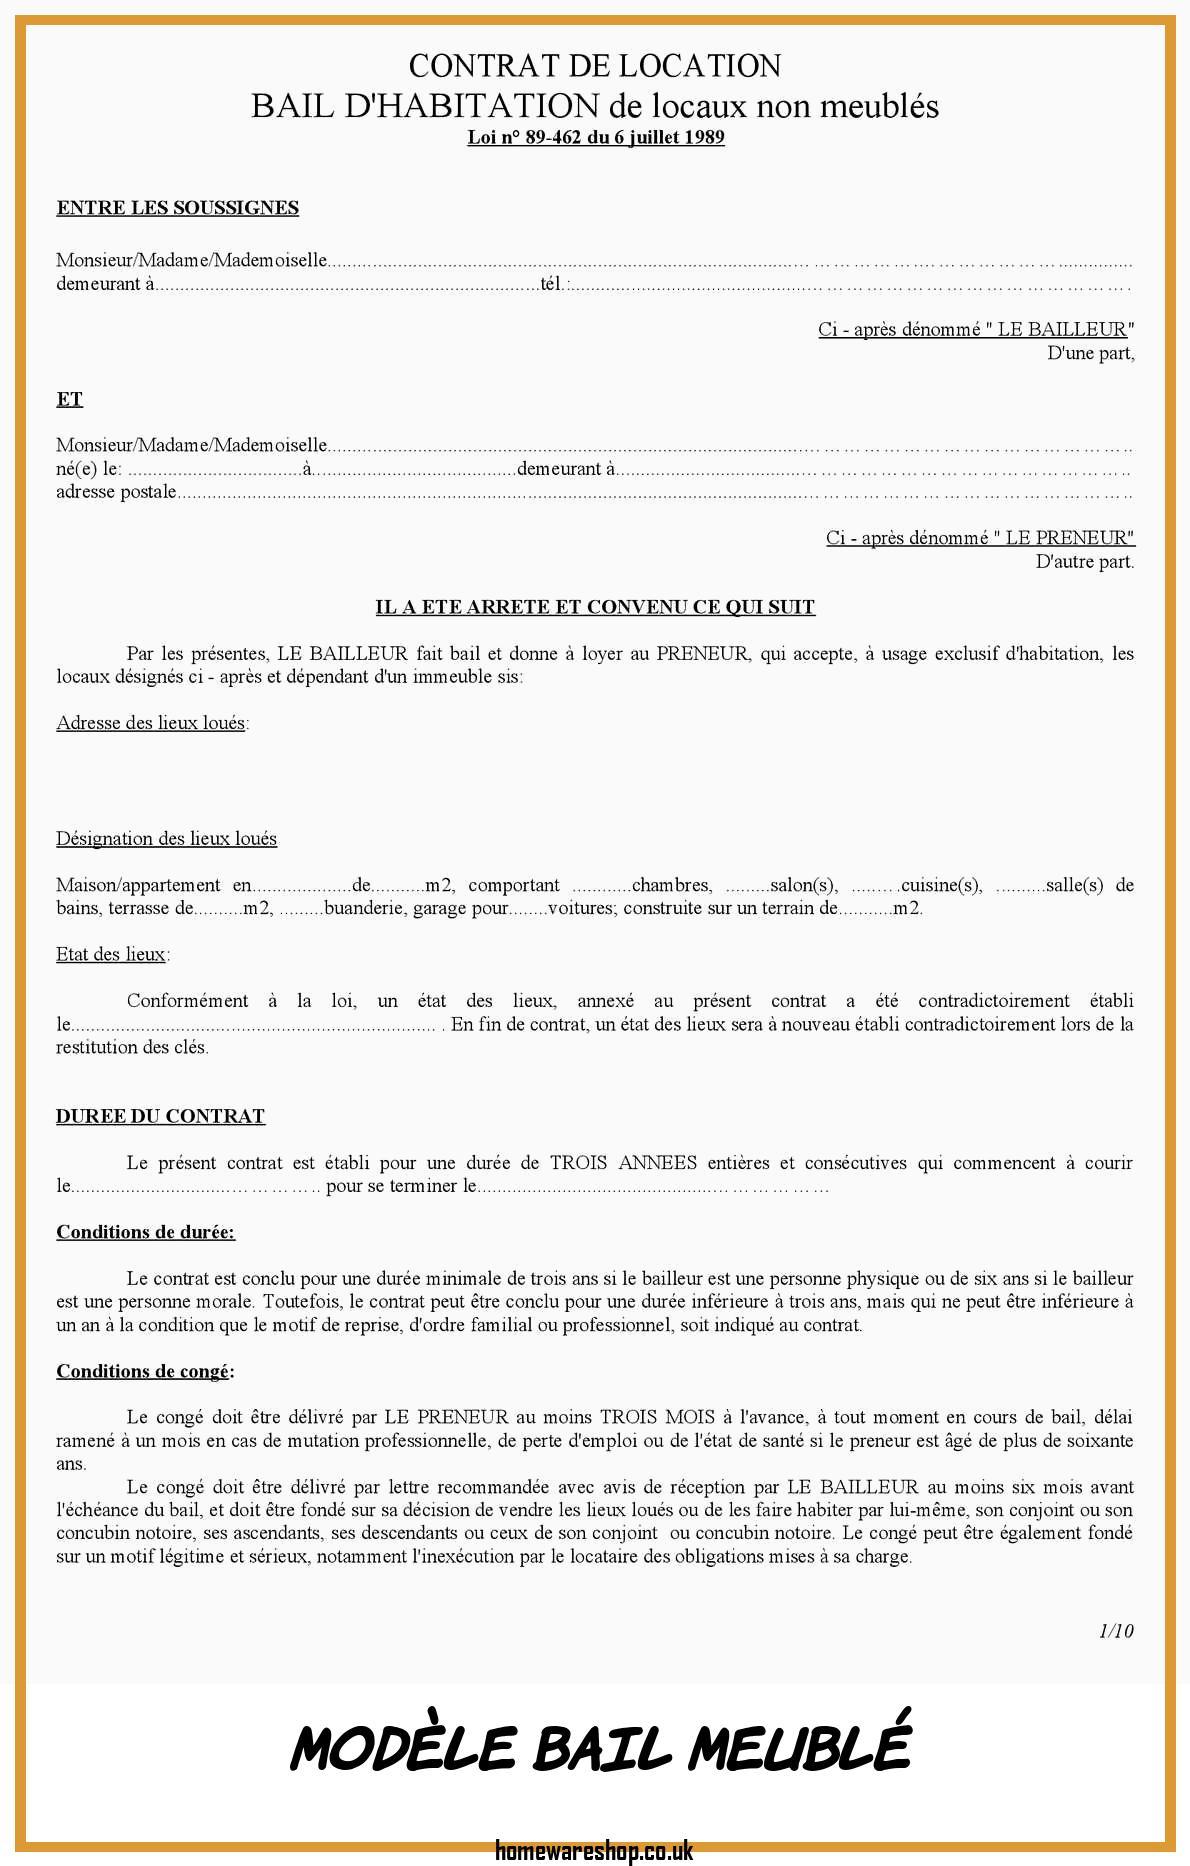 Modele Bail Location Gratuit Imprimer Homewareshop Encequiconcerne Contrat De Location Meuble Gratuit Agencecormierdelauniere Com Agencecormierdelauniere Com